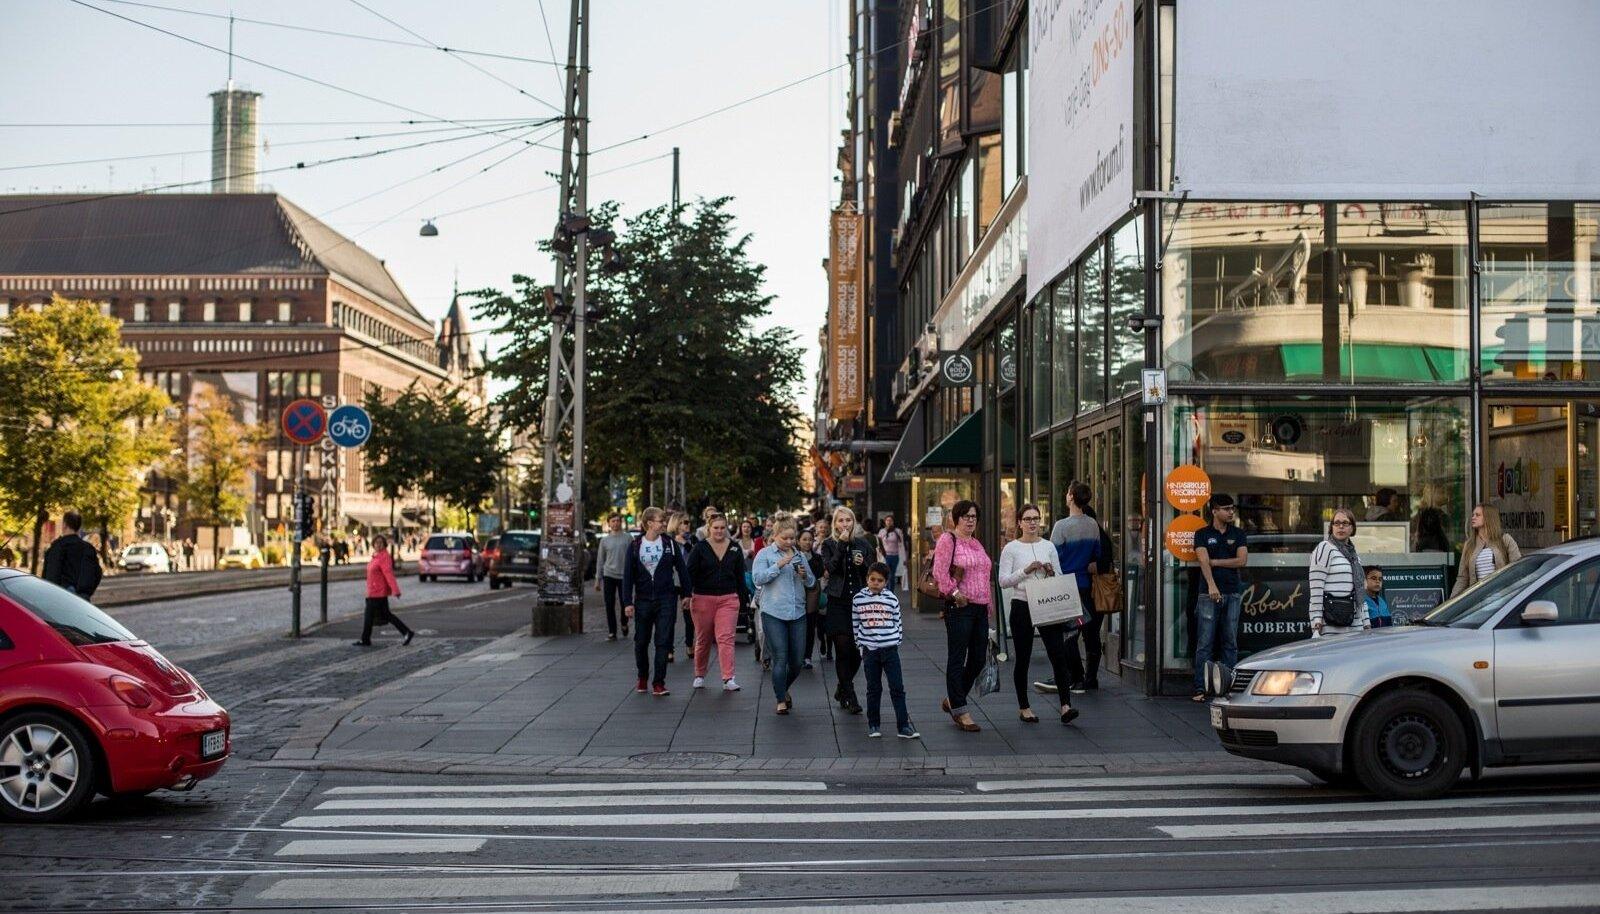 Tänavamelu Helsingi kesklinnas, mida tänavu sügisel võib hakata pingestama sadade liinibuside kadumine.